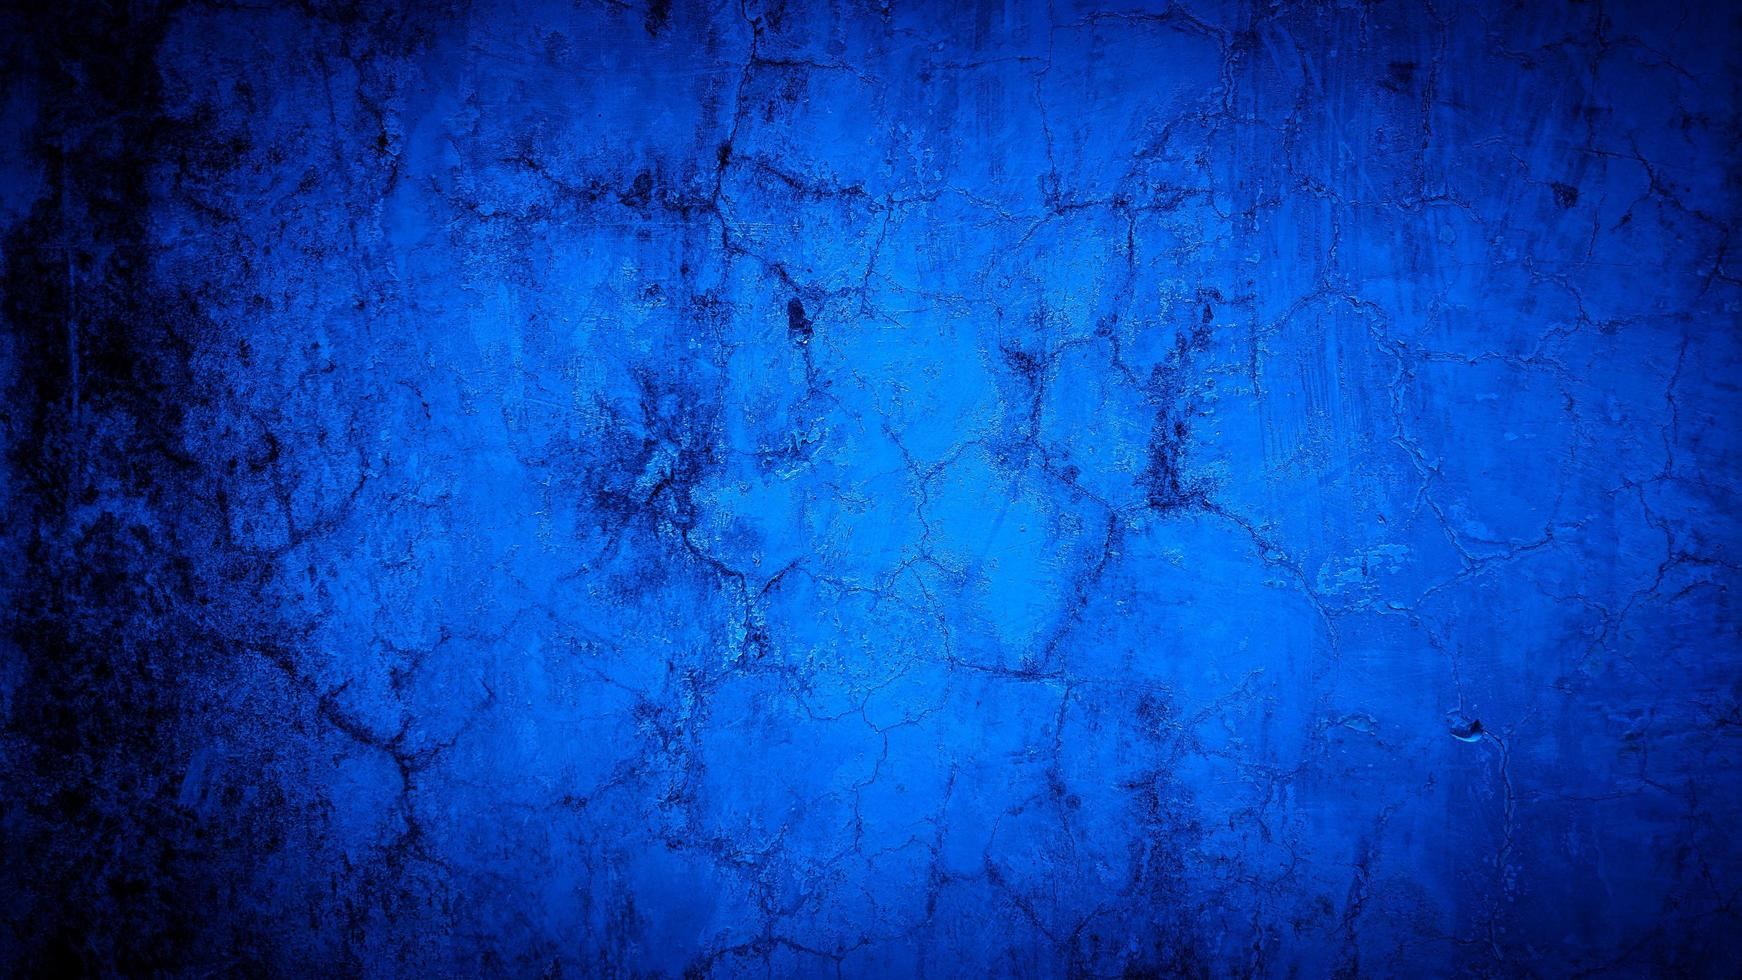 grunge bakgrund av blå väggfärg foto